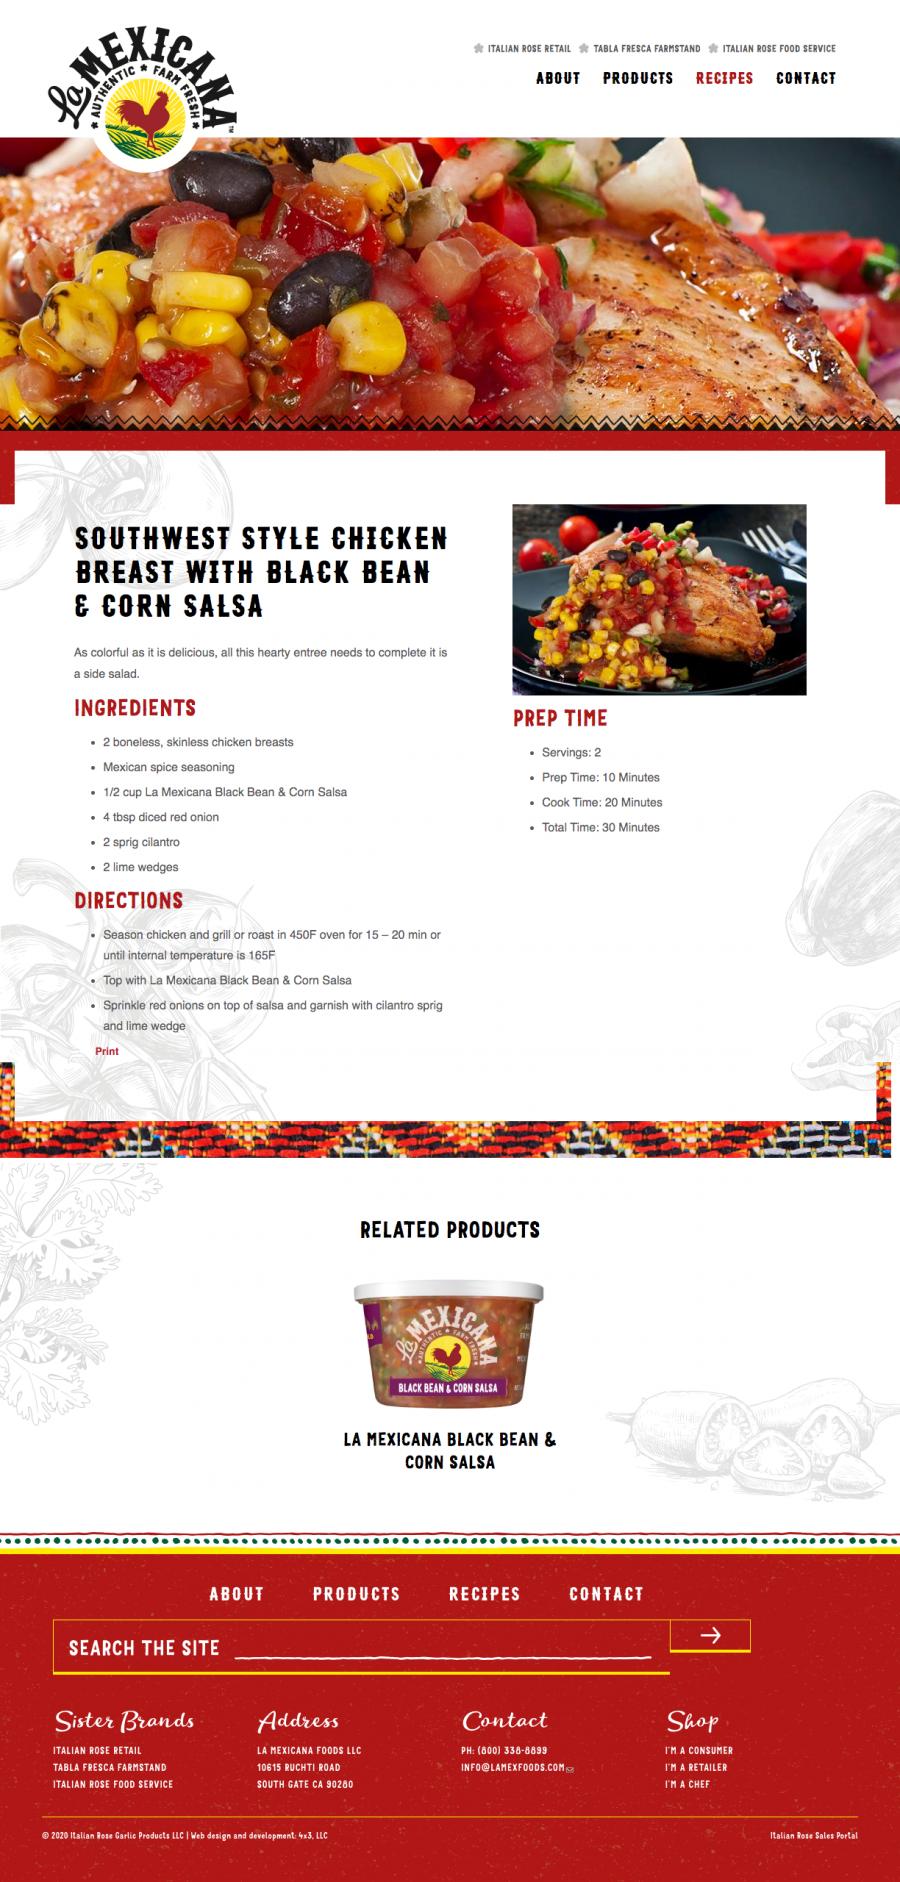 La Mexicana recipe page